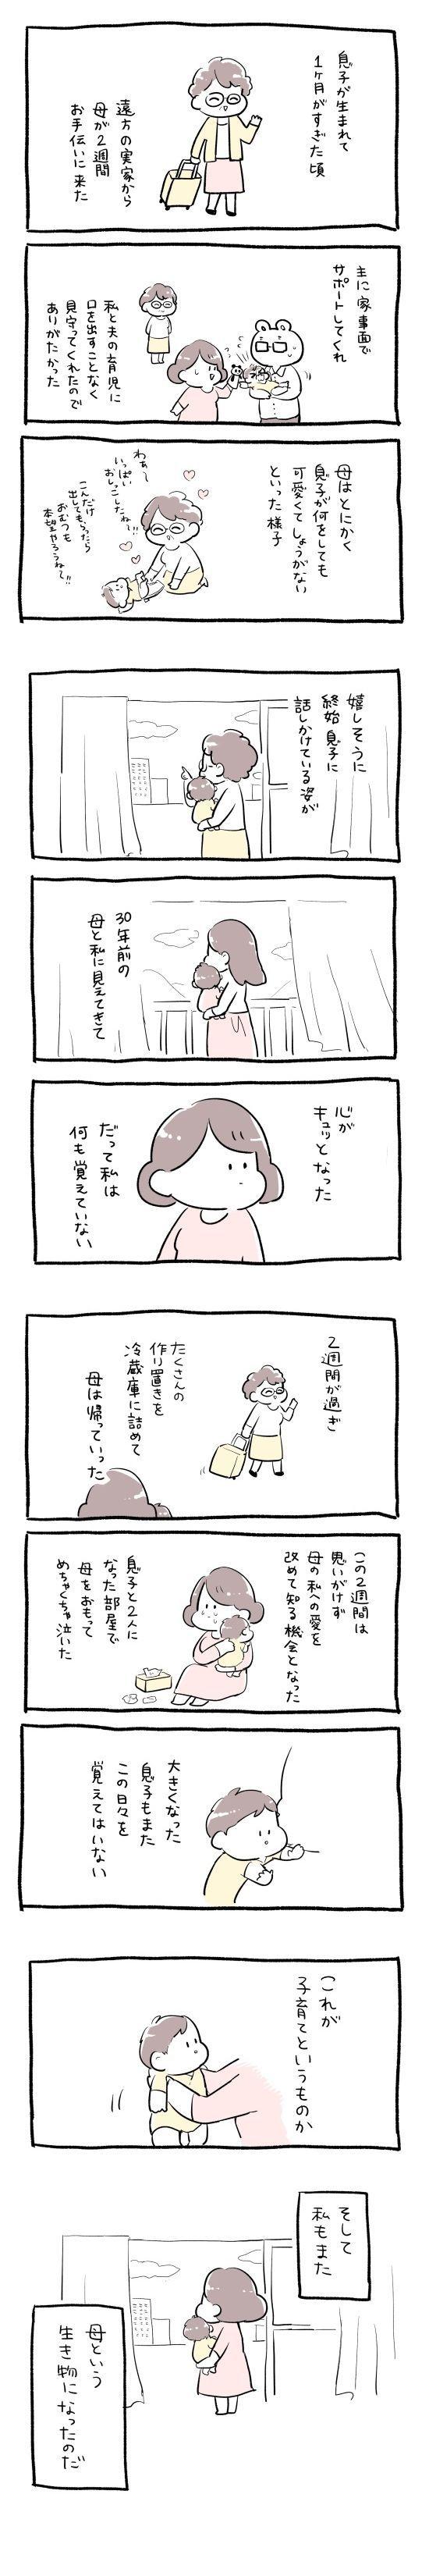 漫画「母という生き物」